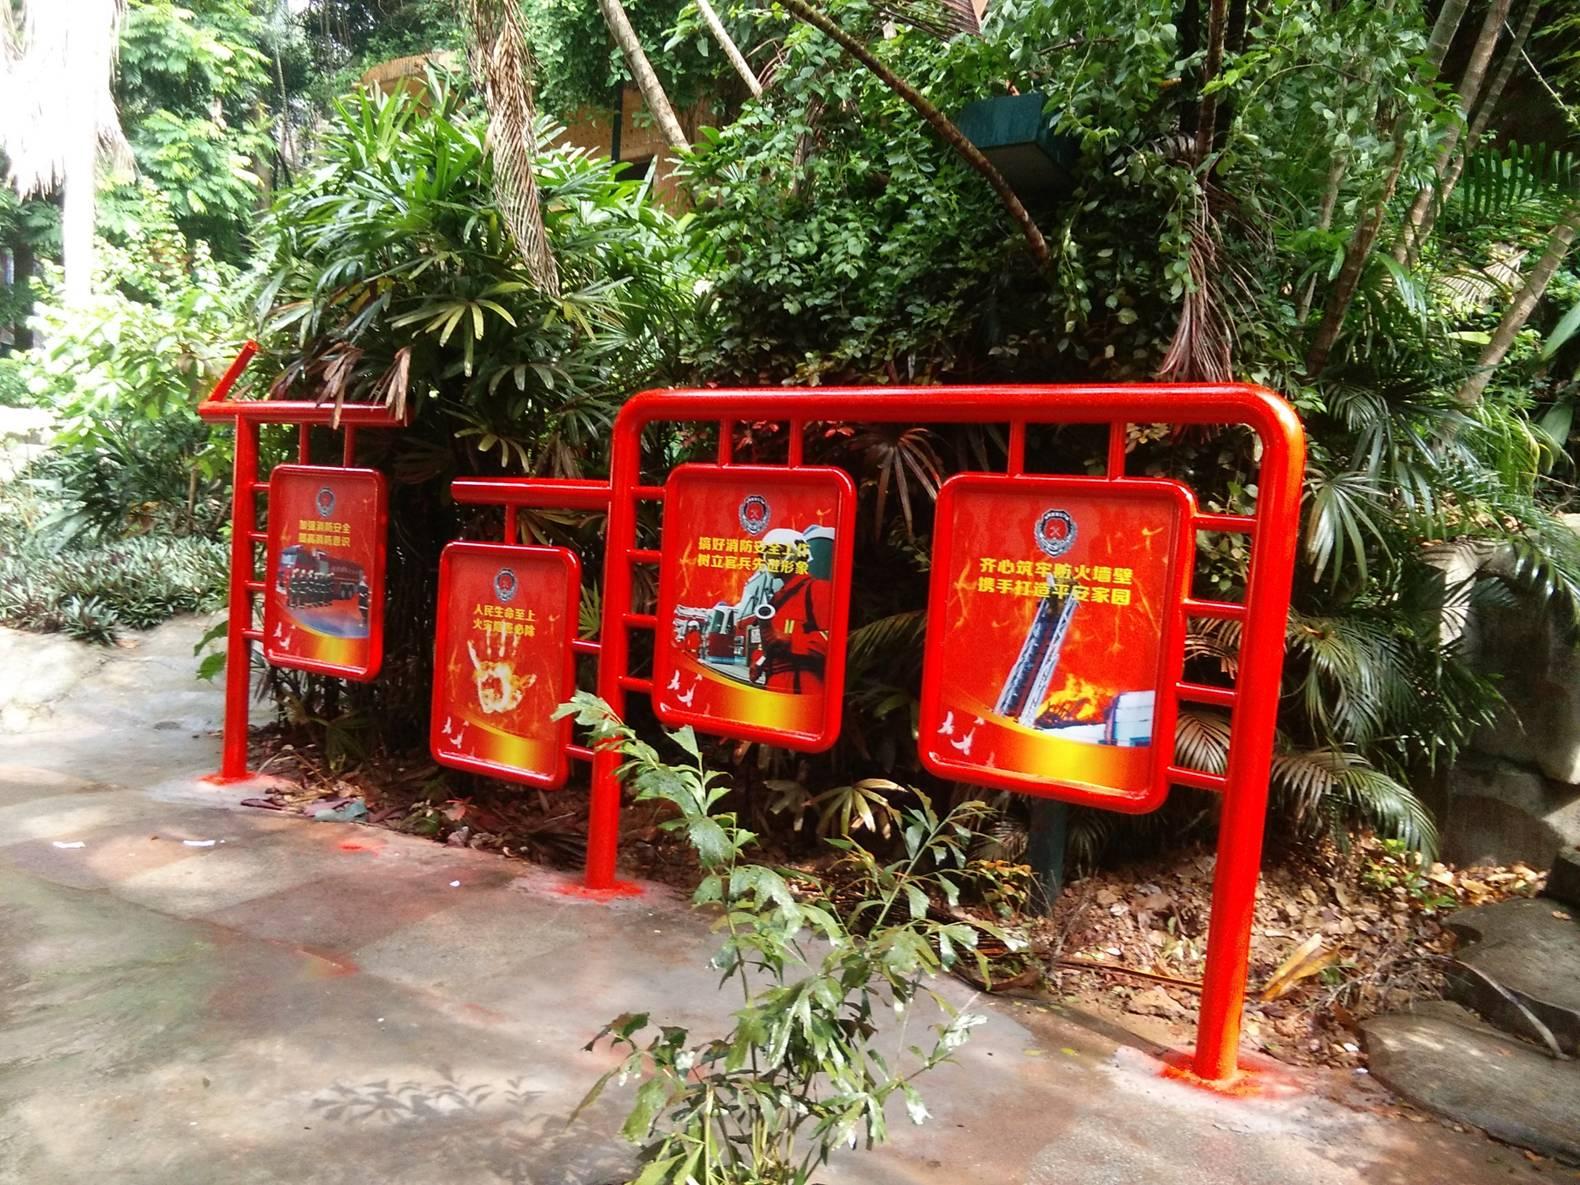 中山火炬开发区消防主题公园